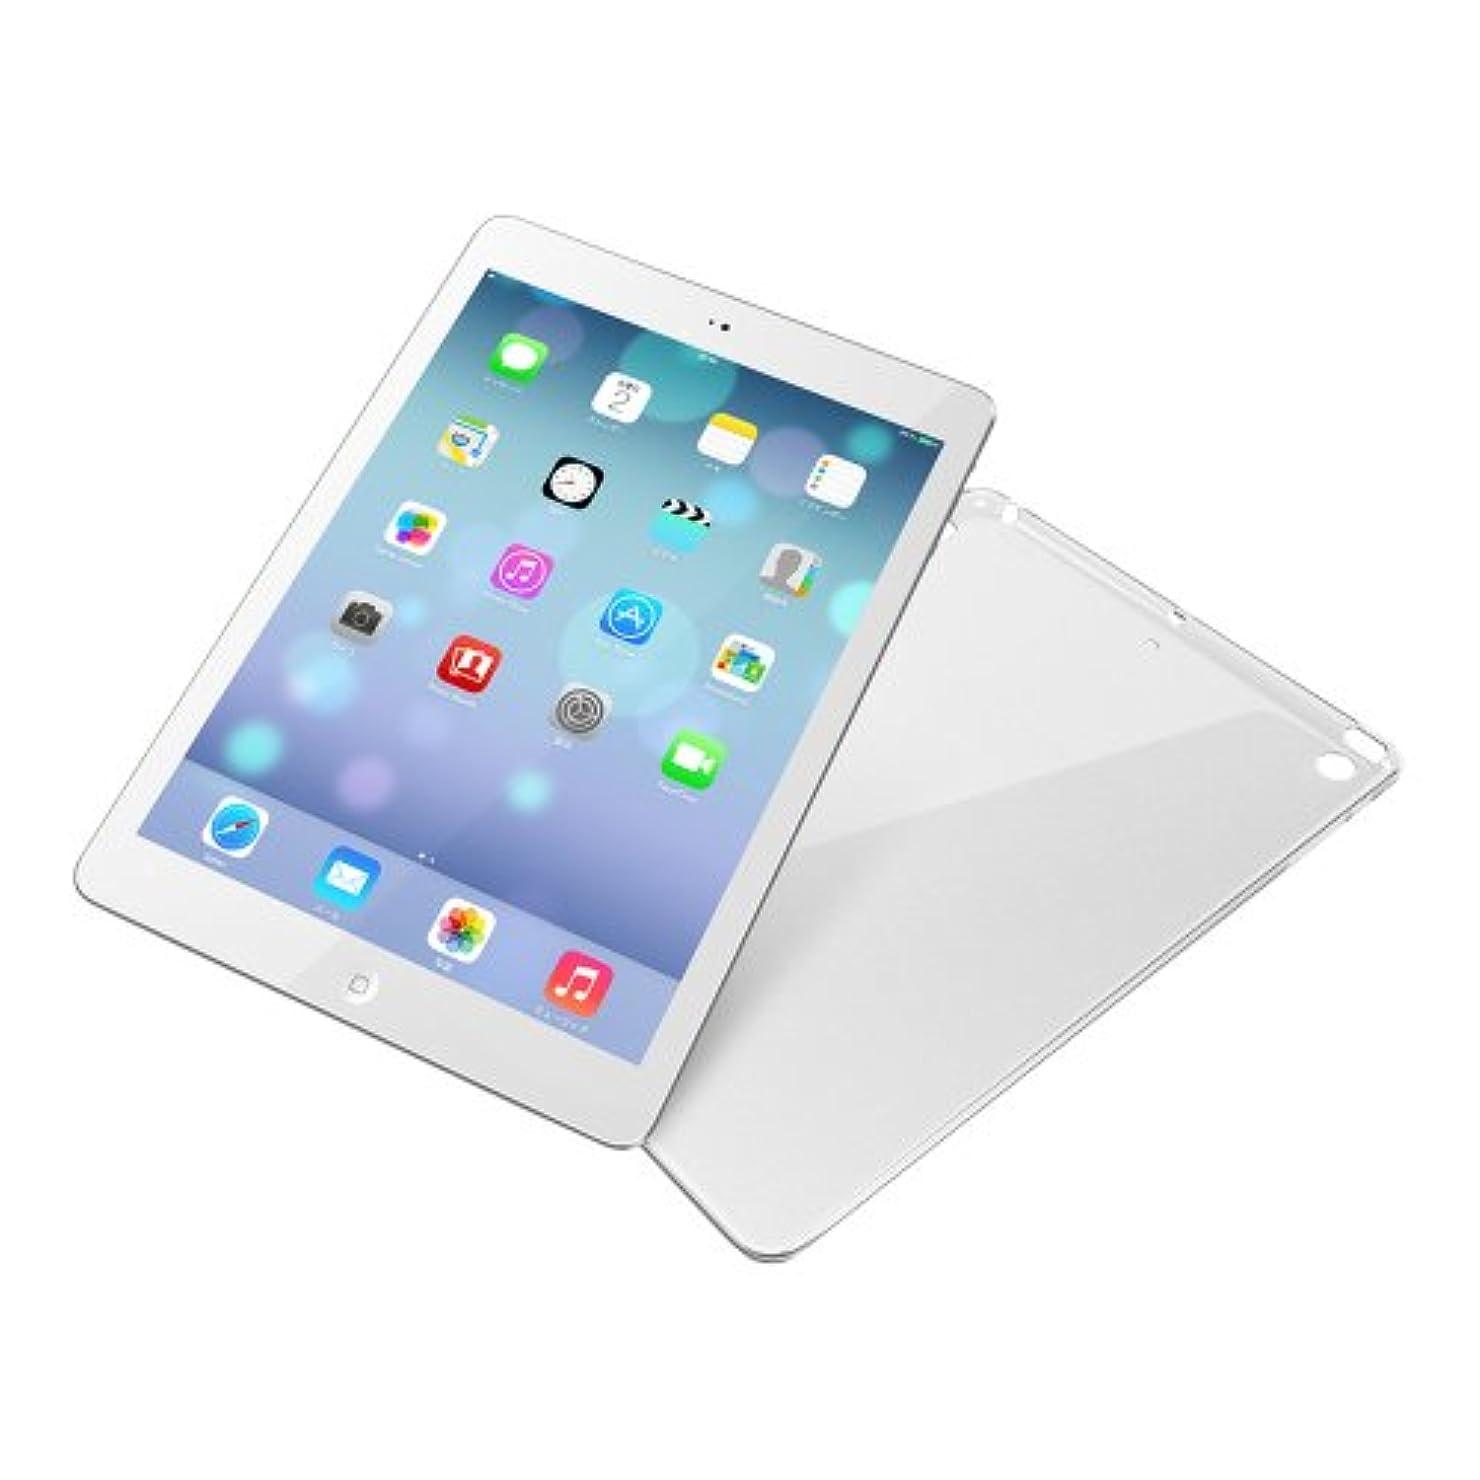 役立つ誰がiBUFFALO iPad mini 3 / iPad mini Retina らくらくハードケース 液晶保護フィルム付 クリア BSIPD713HCR 【曲げても割れない着脱カンタン 新素材「クラリティ」を採用したイージーハードケース】